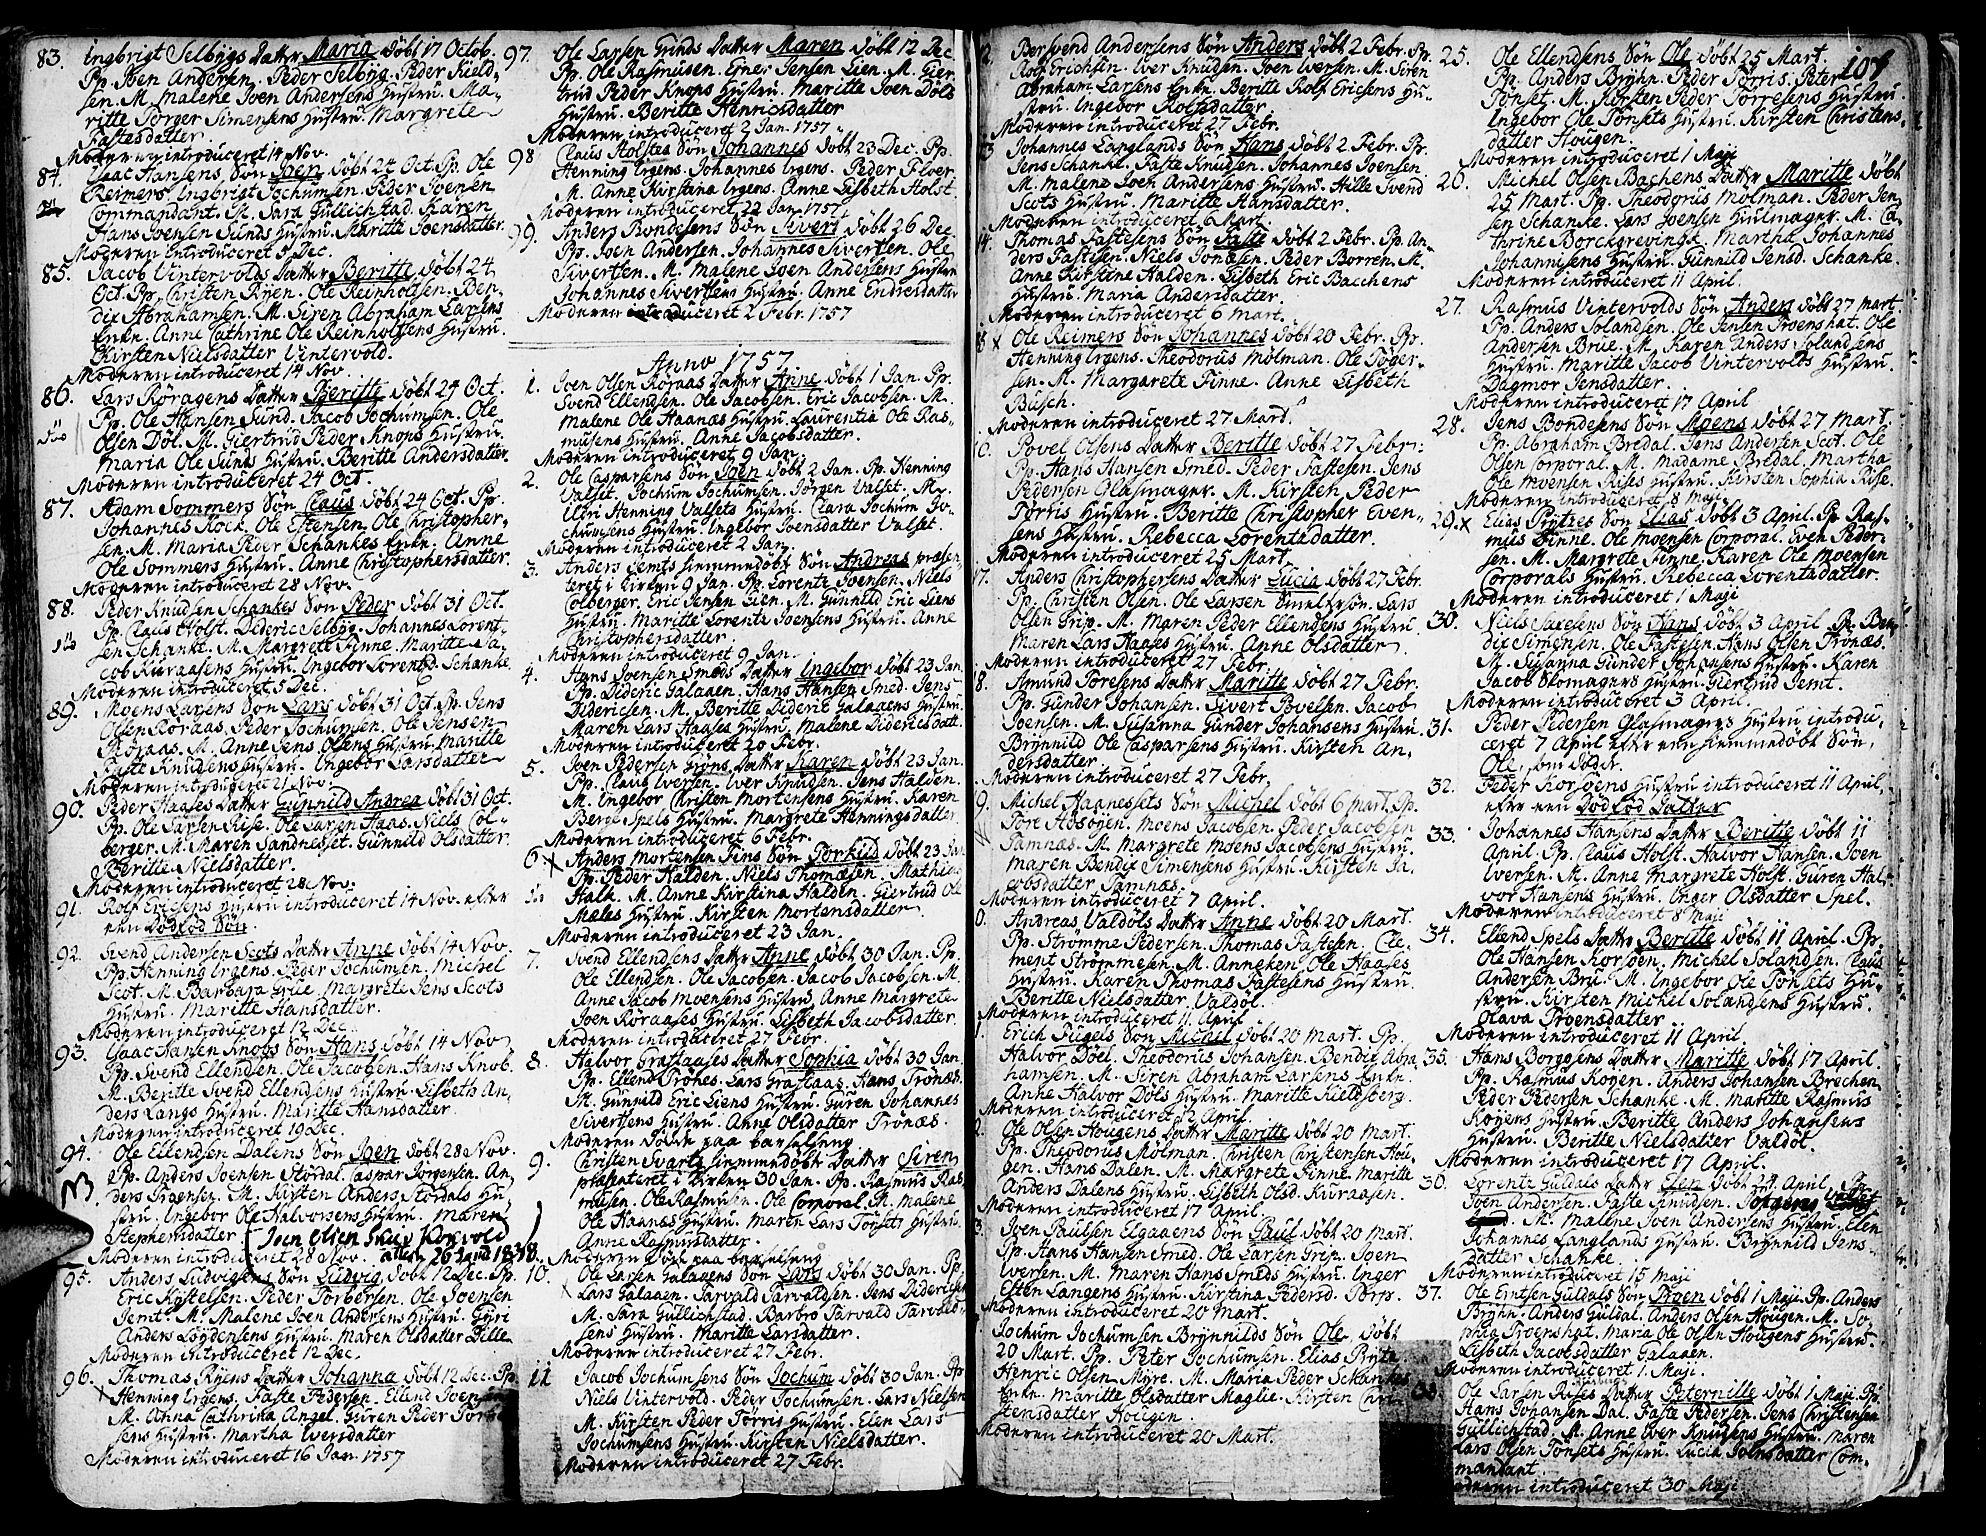 SAT, Ministerialprotokoller, klokkerbøker og fødselsregistre - Sør-Trøndelag, 681/L0925: Ministerialbok nr. 681A03, 1727-1766, s. 107